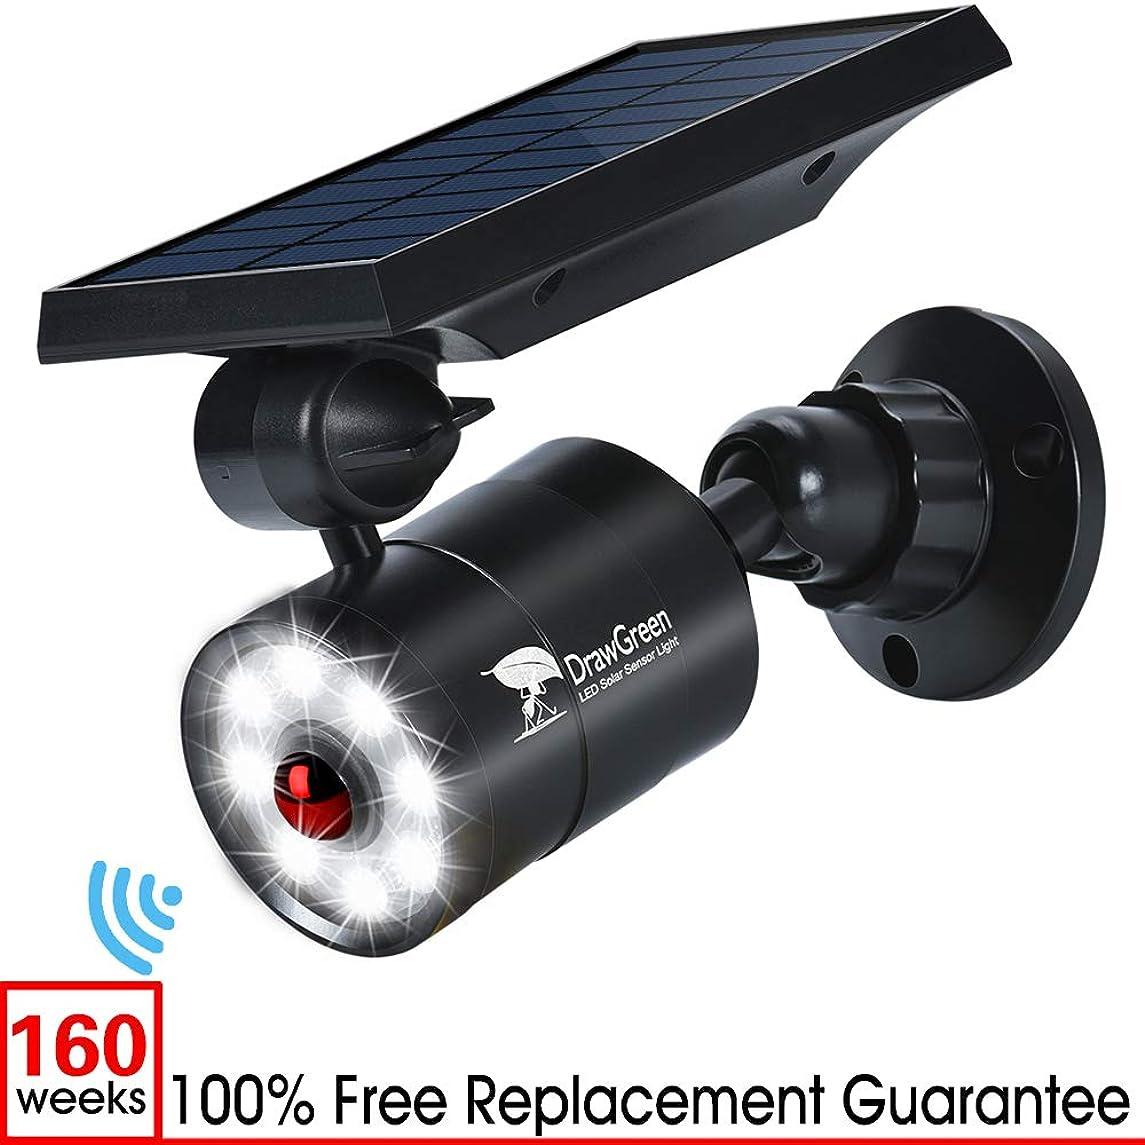 攻撃的伝染性いまGOODGOODS LED 投光器 充電式 16W ポータブル作業灯 【 マグネット付き USBポート付き 】 4モード 夜間照明 防災グッズ 【一年保証】 YC-16T